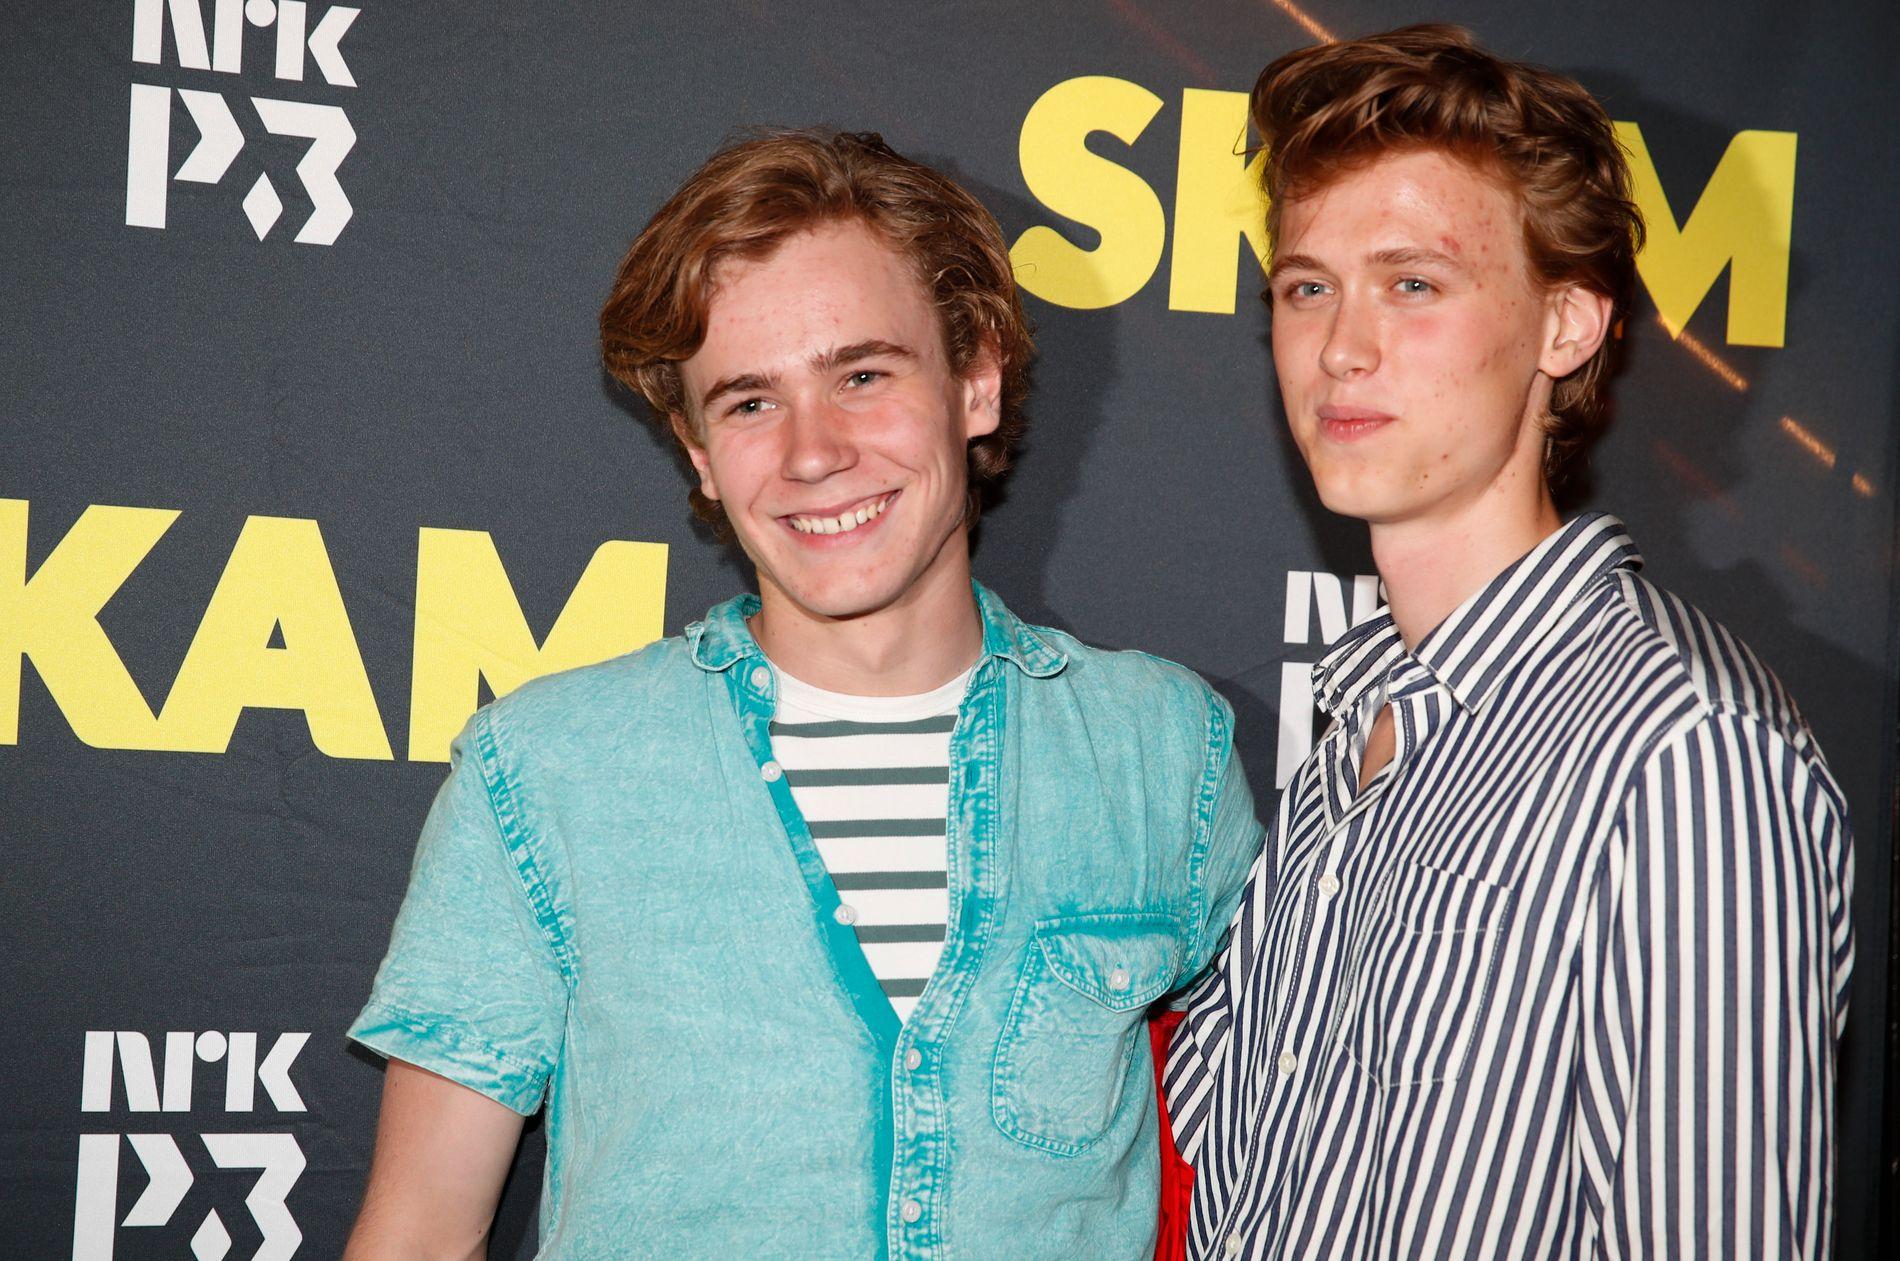 PÅ FEST: Isak (Tarjei Sandvik Moe) og Even (Henrik Holm)   i TV-serien Skam på avslutningsfest i Oslo fredag kveld.